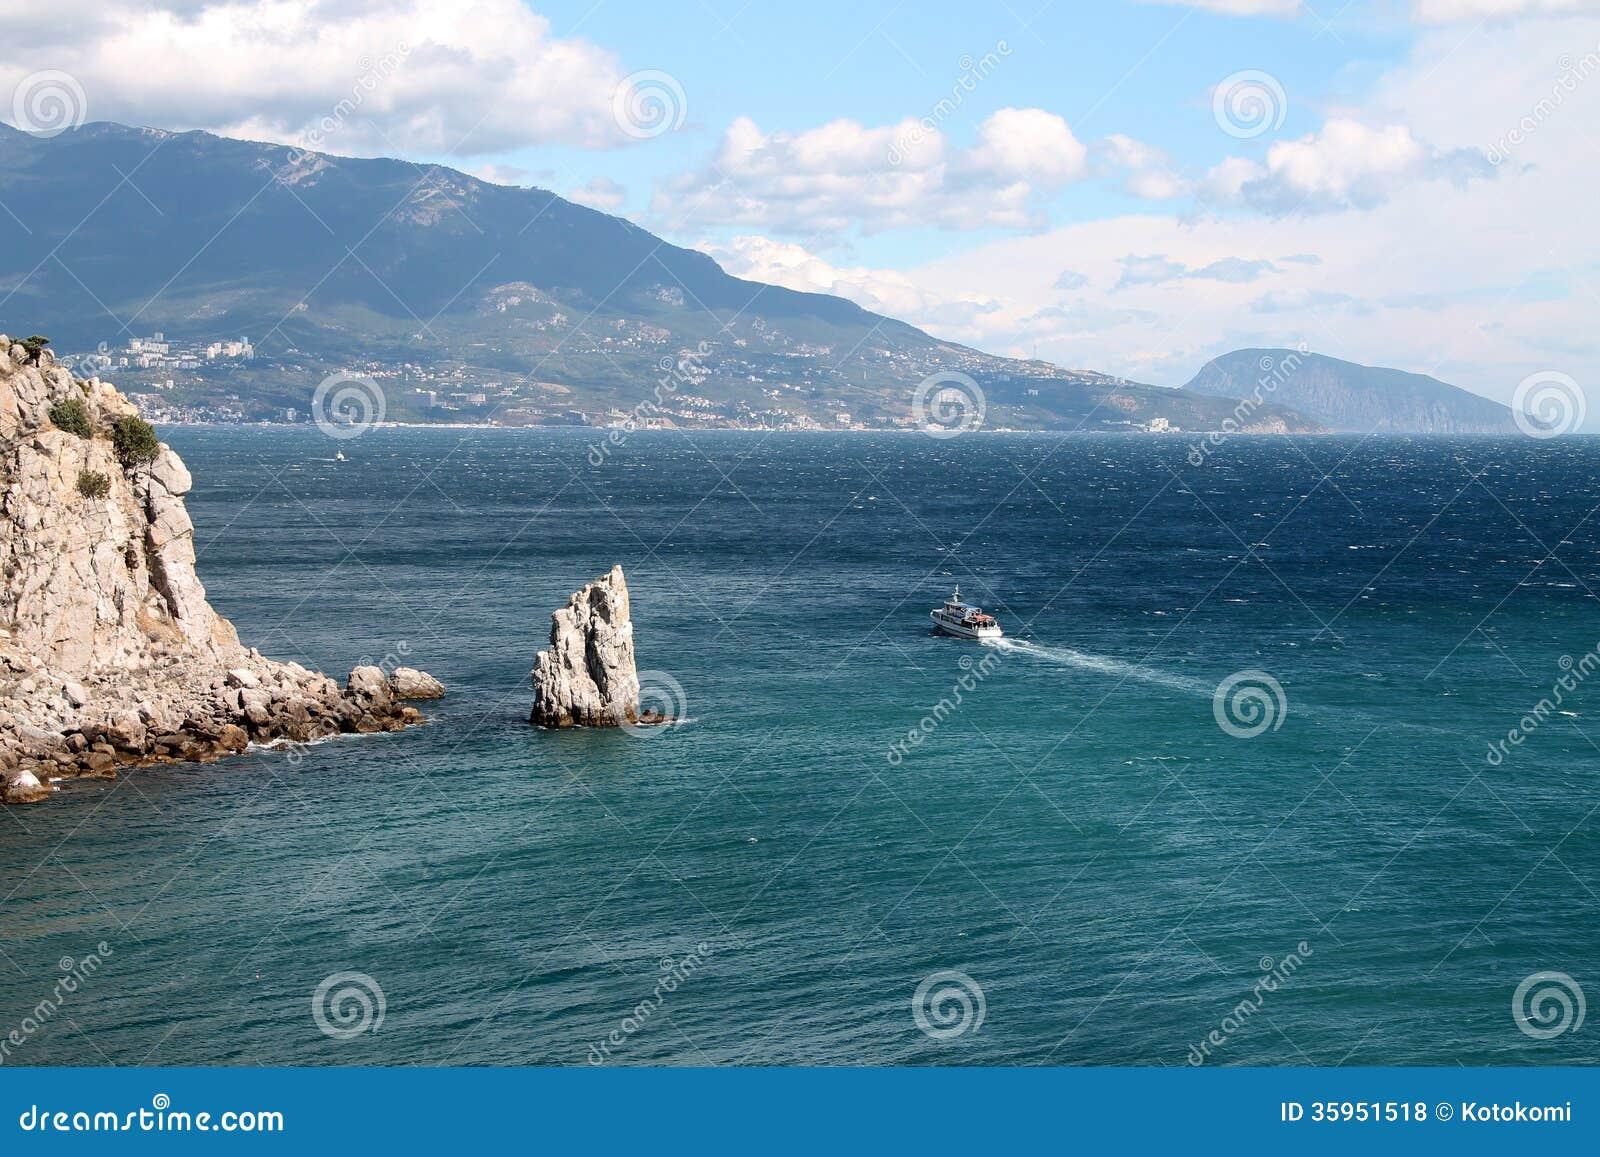 Opinión escénica del mar con las rocas y los acantilados. La nave navega lejos.